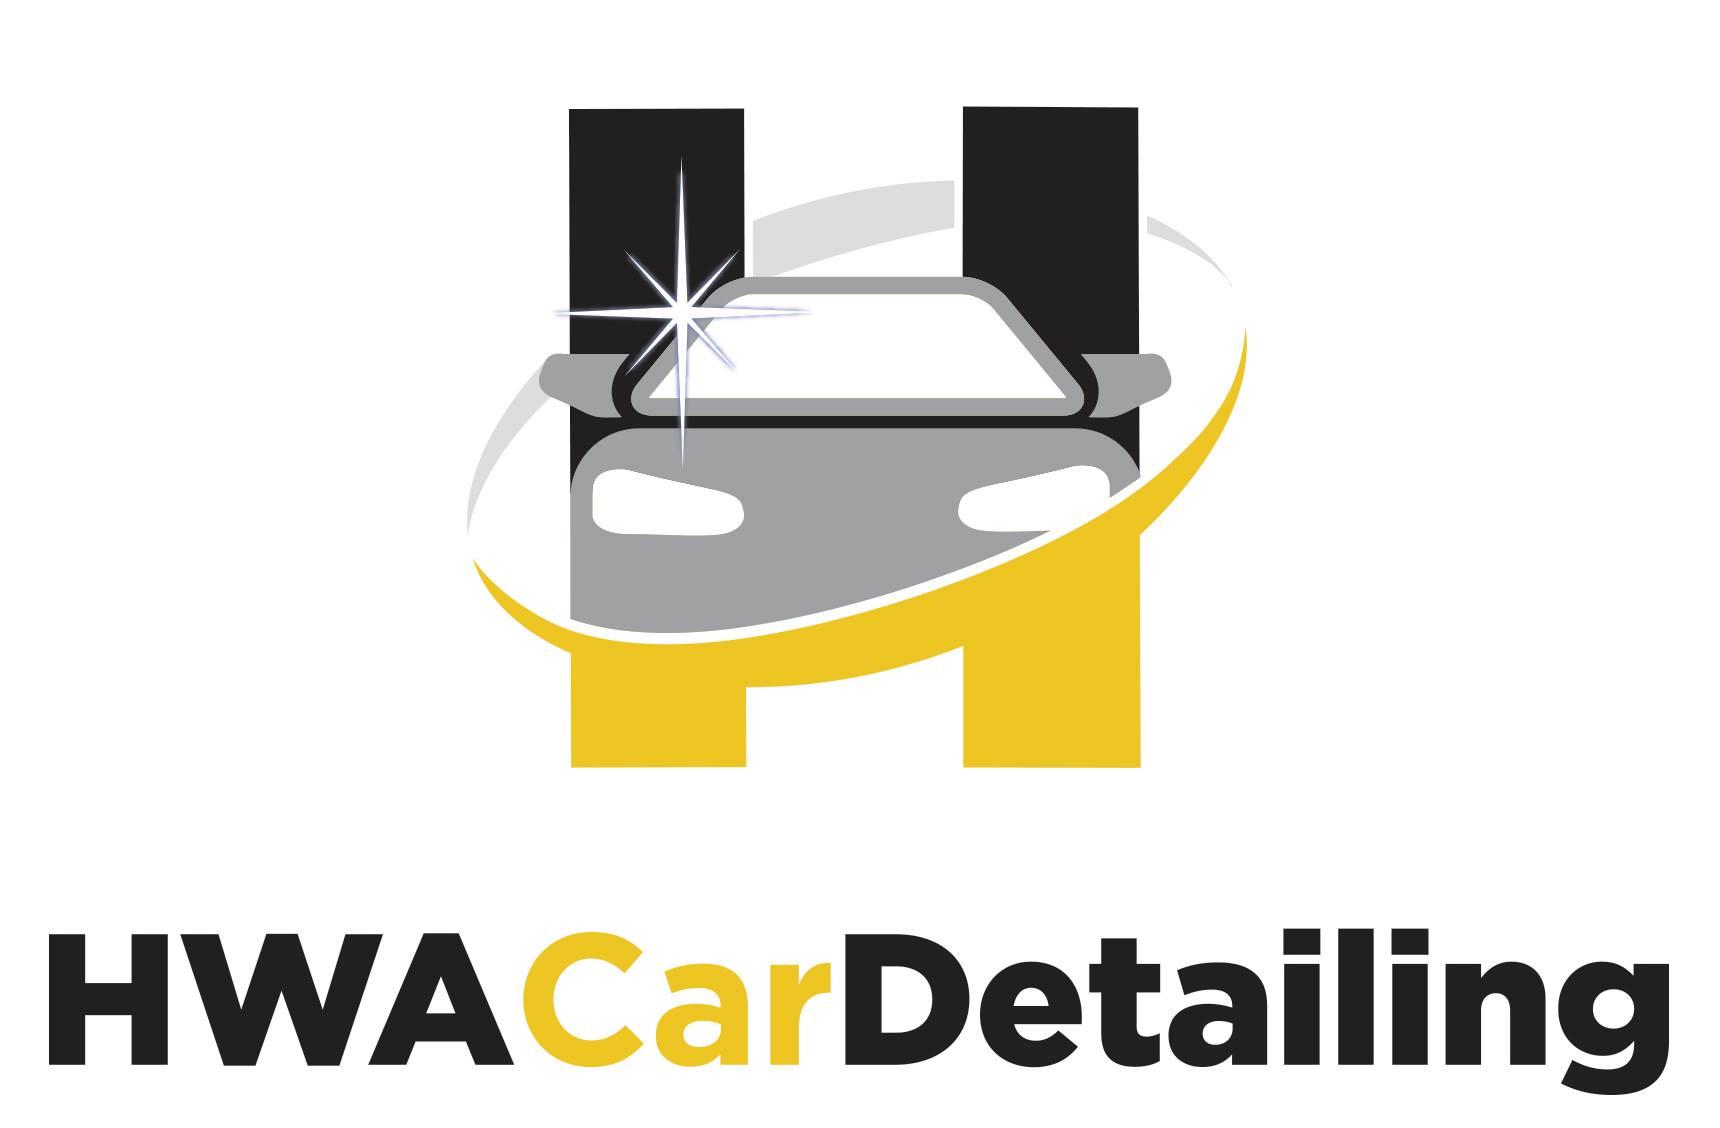 HWA car detailing logo